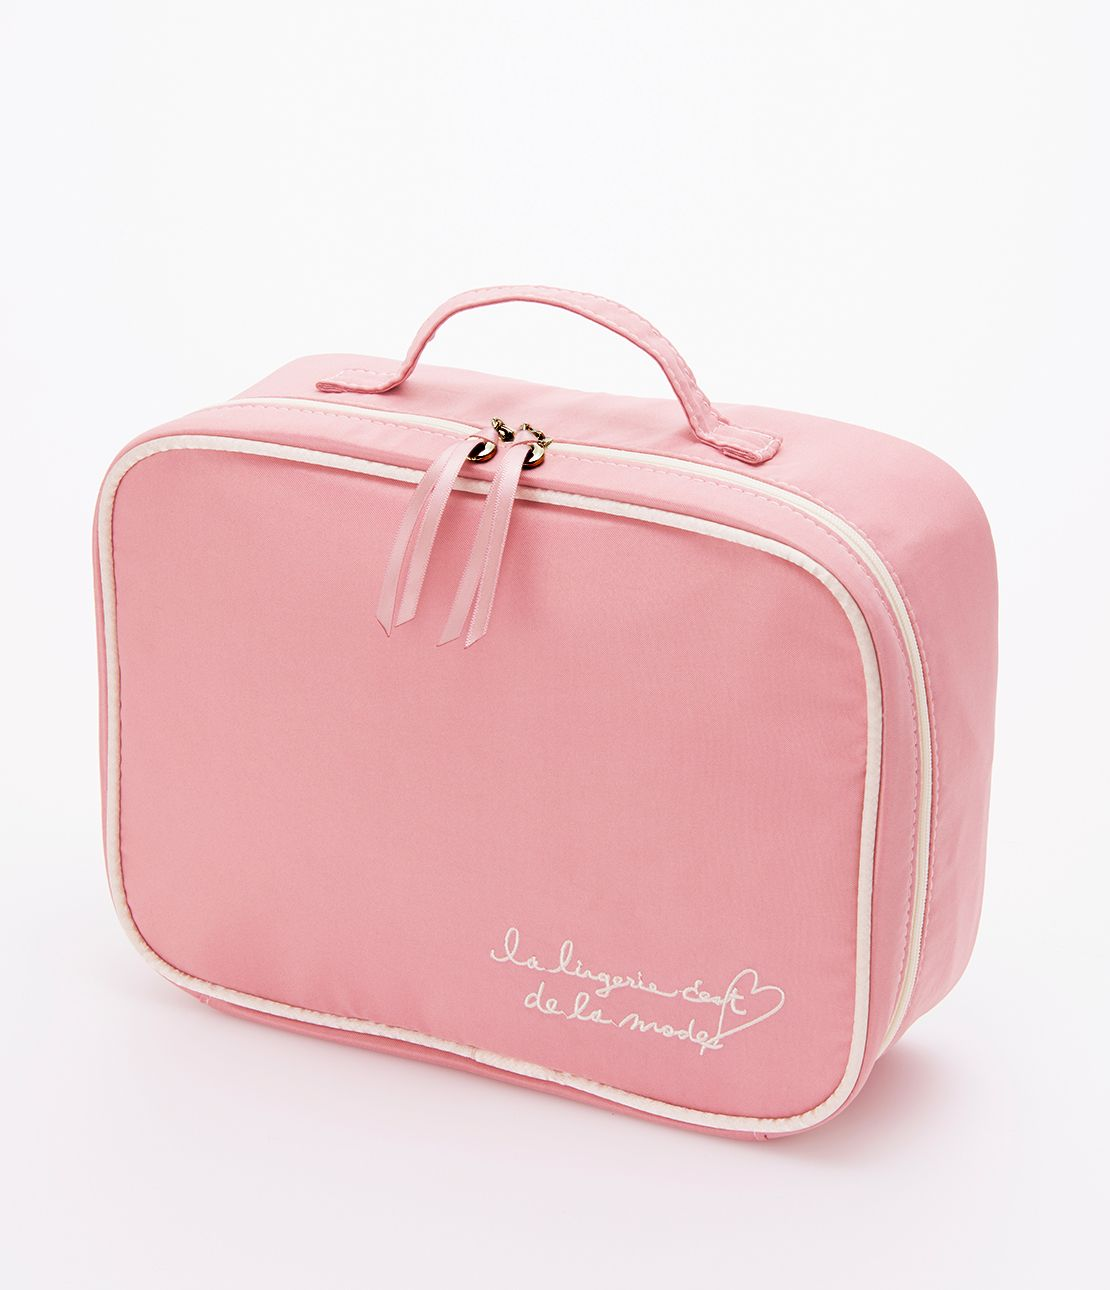 Satin lingerie pouch